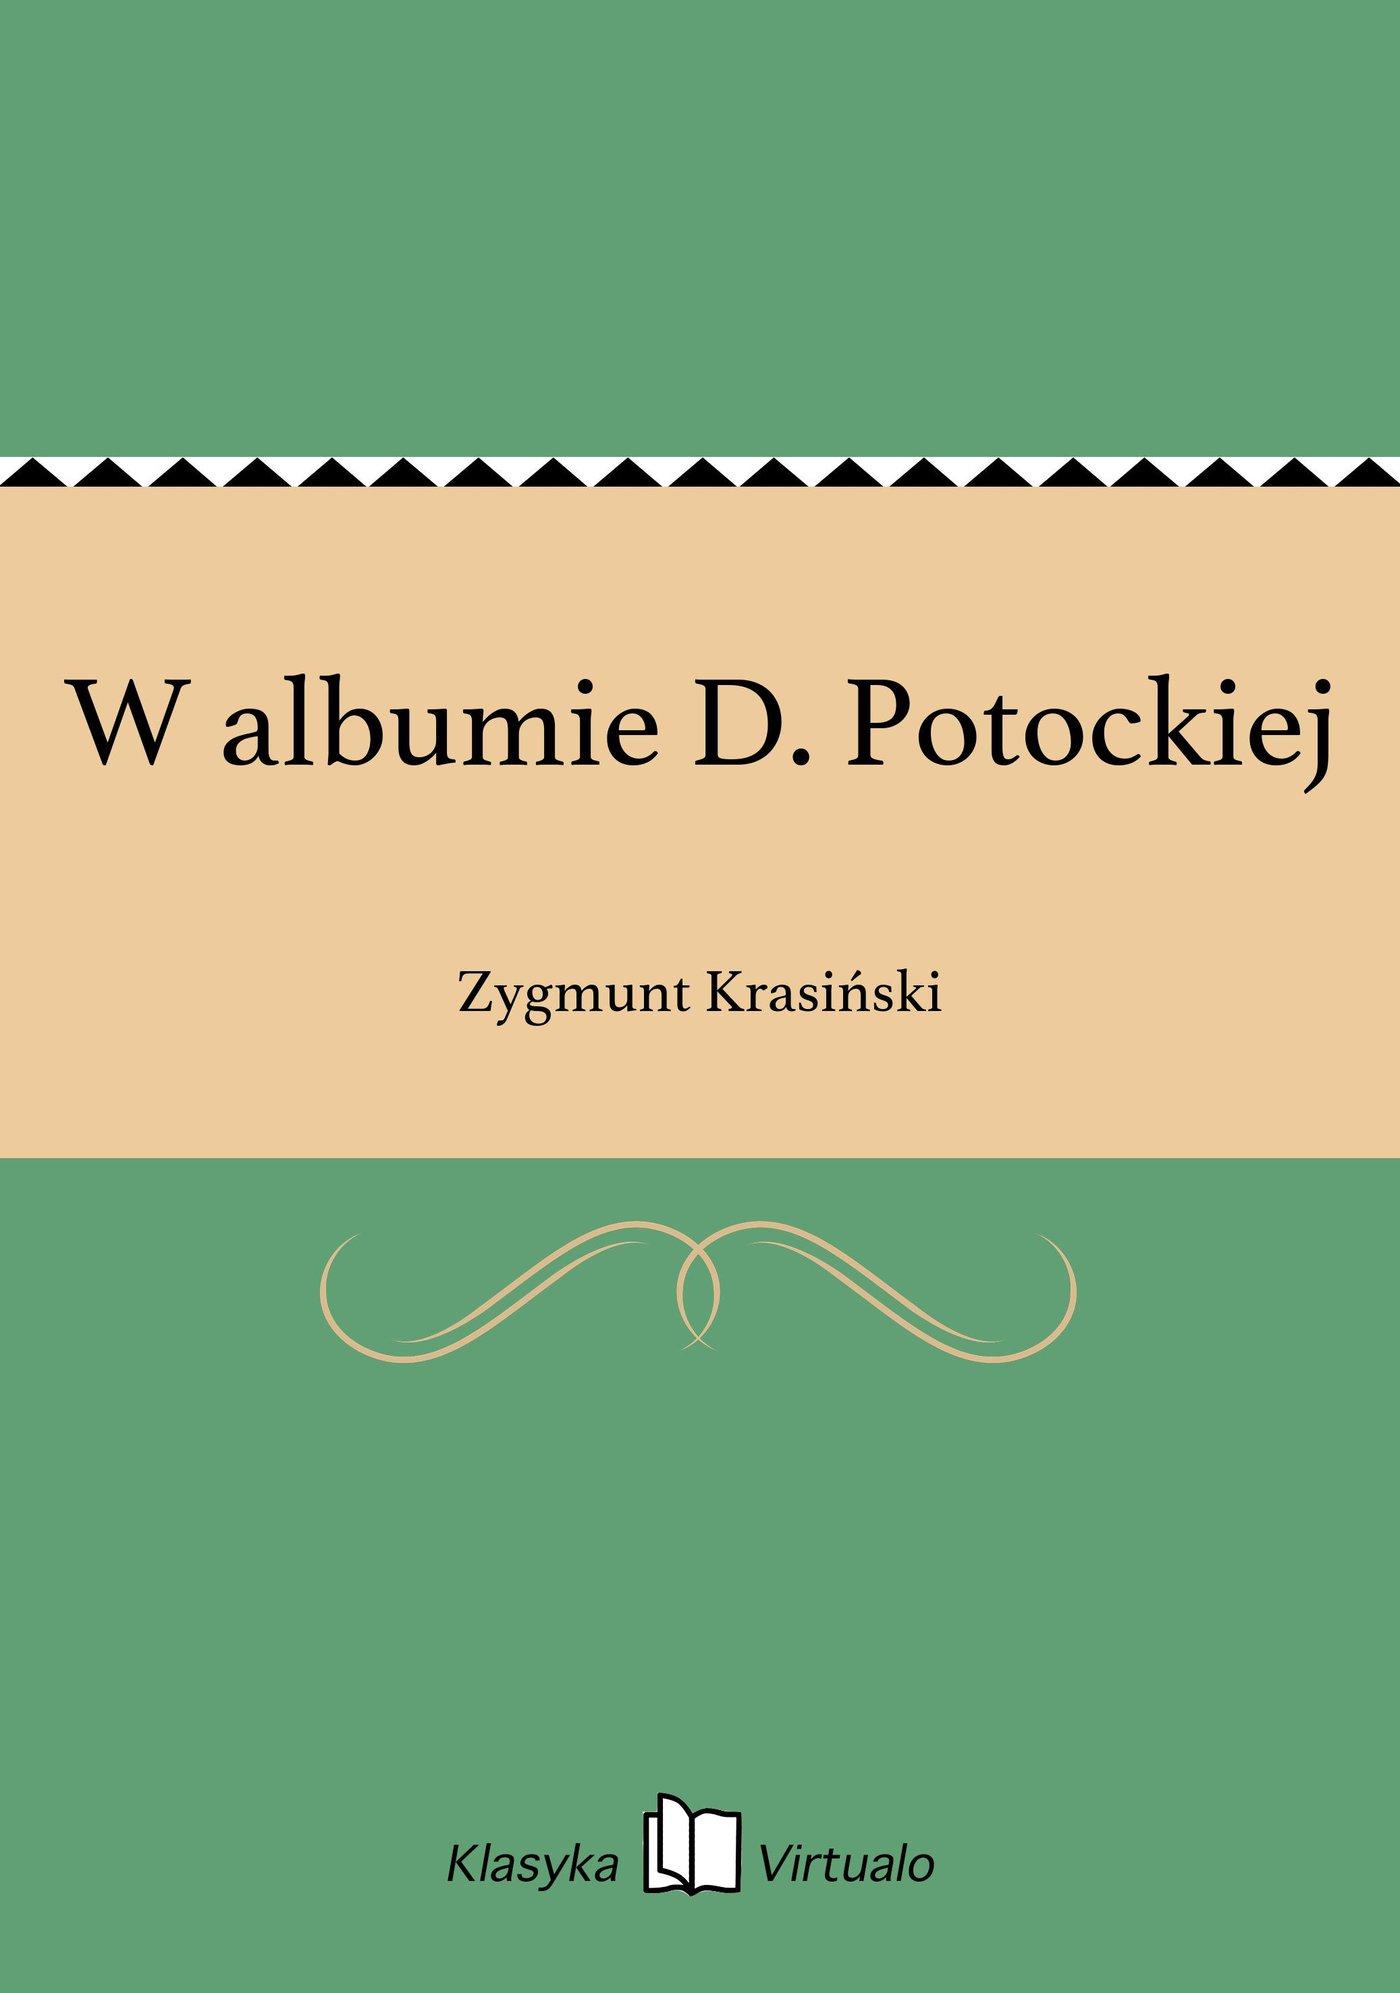 W albumie D. Potockiej - Ebook (Książka na Kindle) do pobrania w formacie MOBI